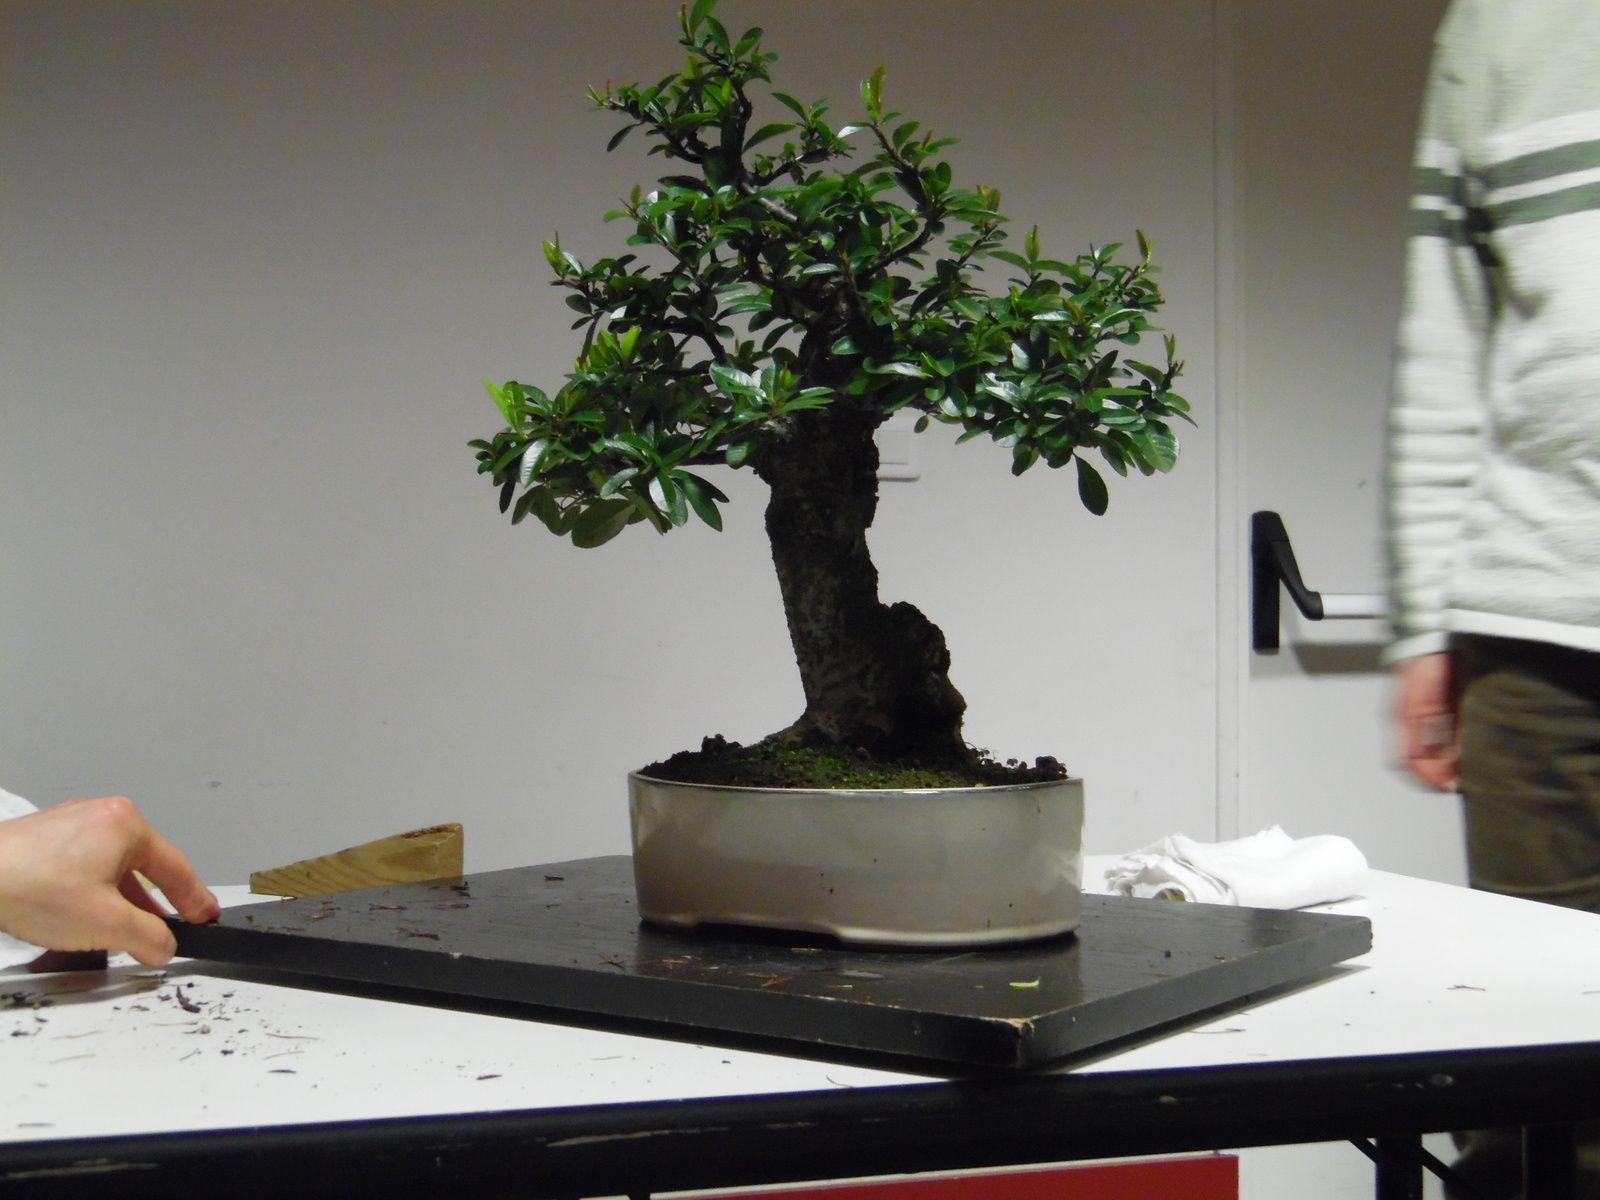 Voici quelques arbres de la première réunion de février ou de très beaux spécimens étaient présents ! Nous avons notamment débattu sur le choix des poteries.